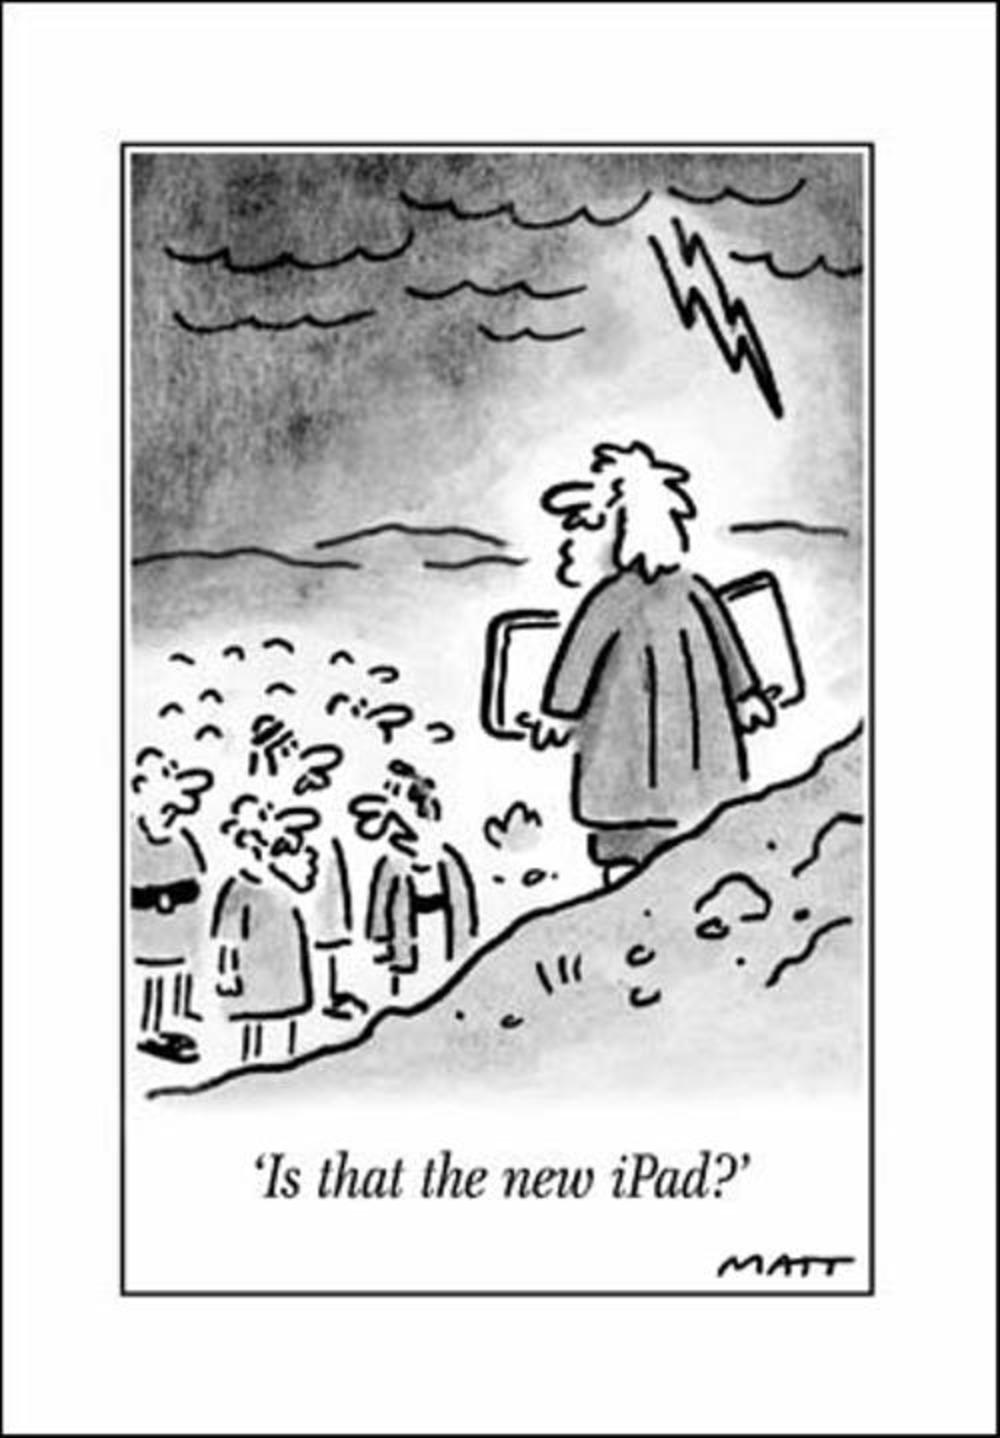 New iPad Funny Matt Greeting Card